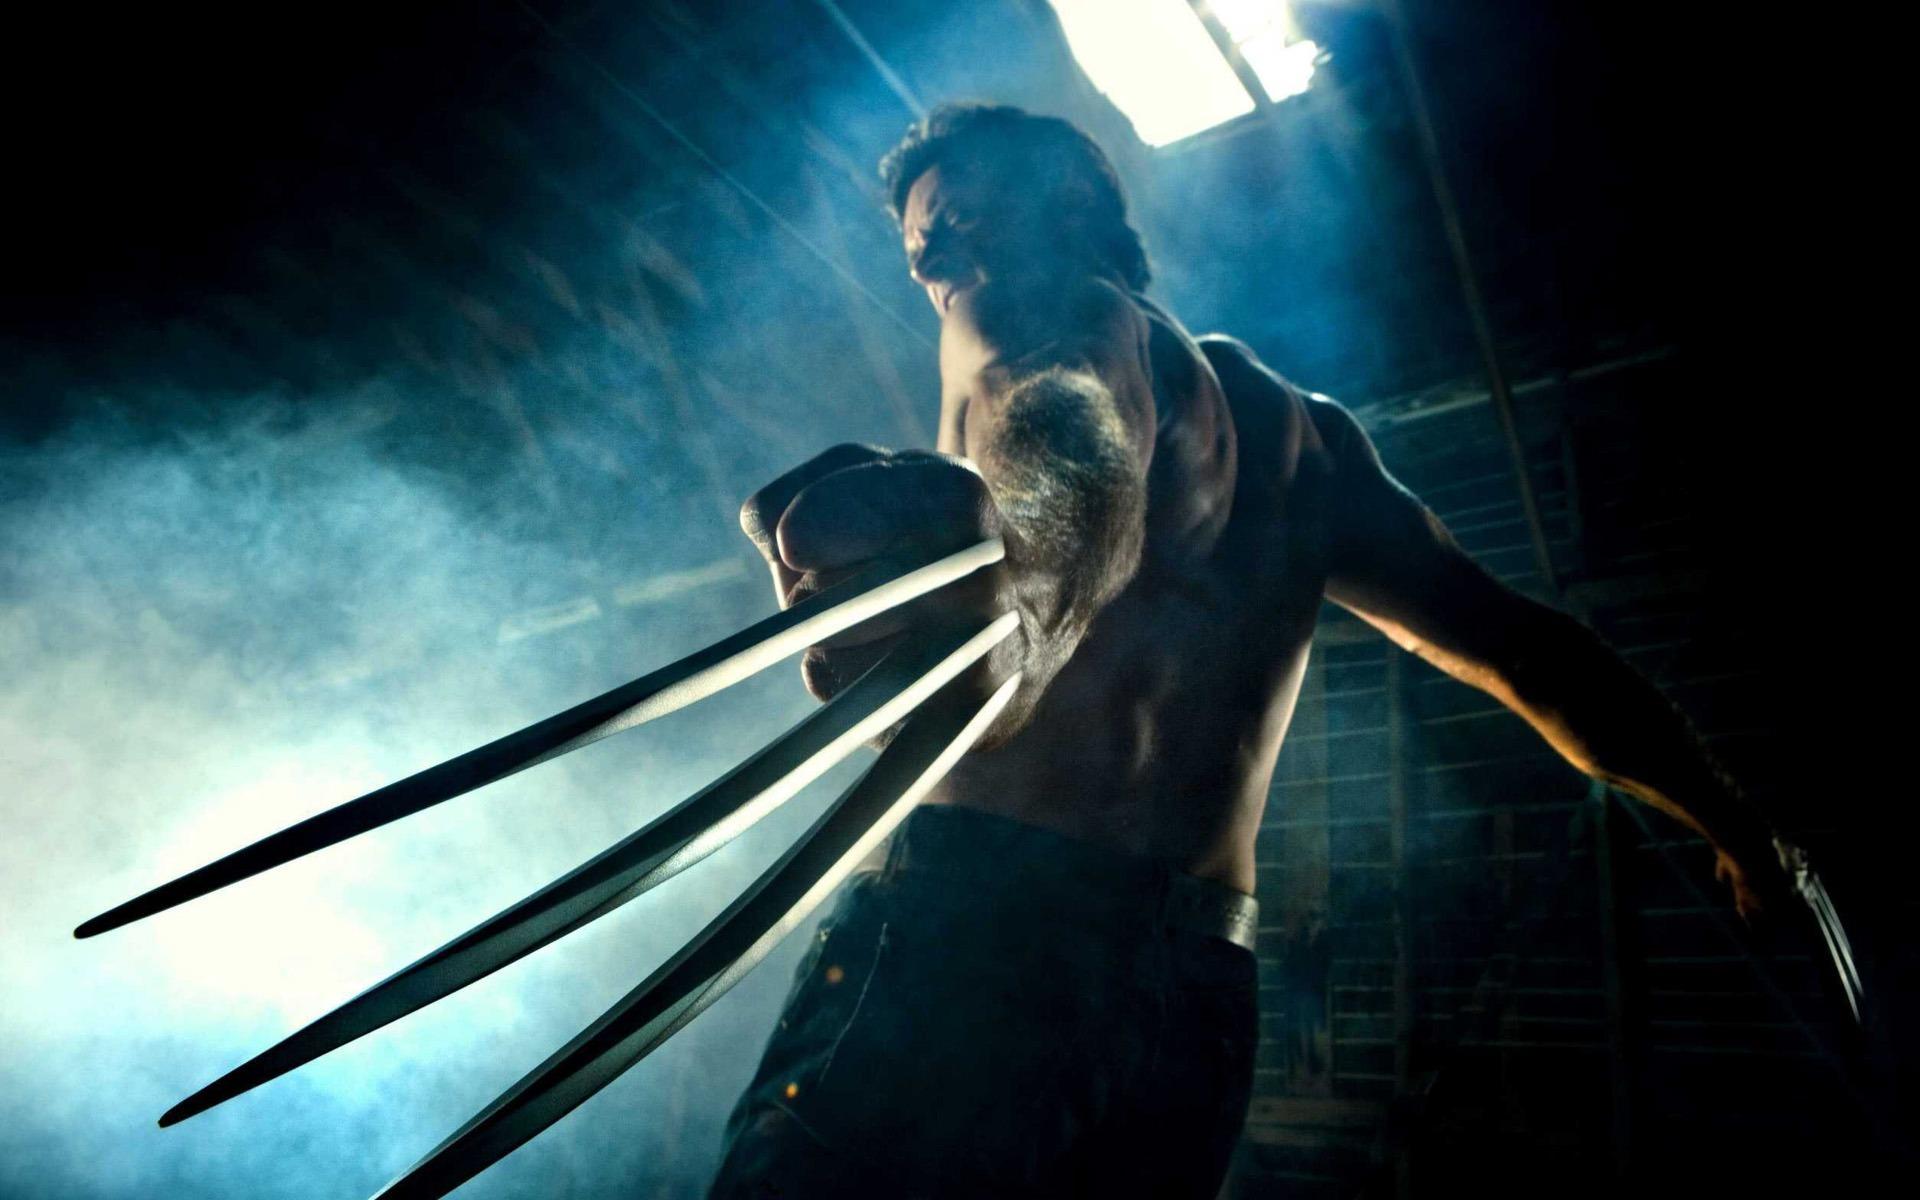 X Men Origins Wolverine Movie Wallpapers 04 Avance